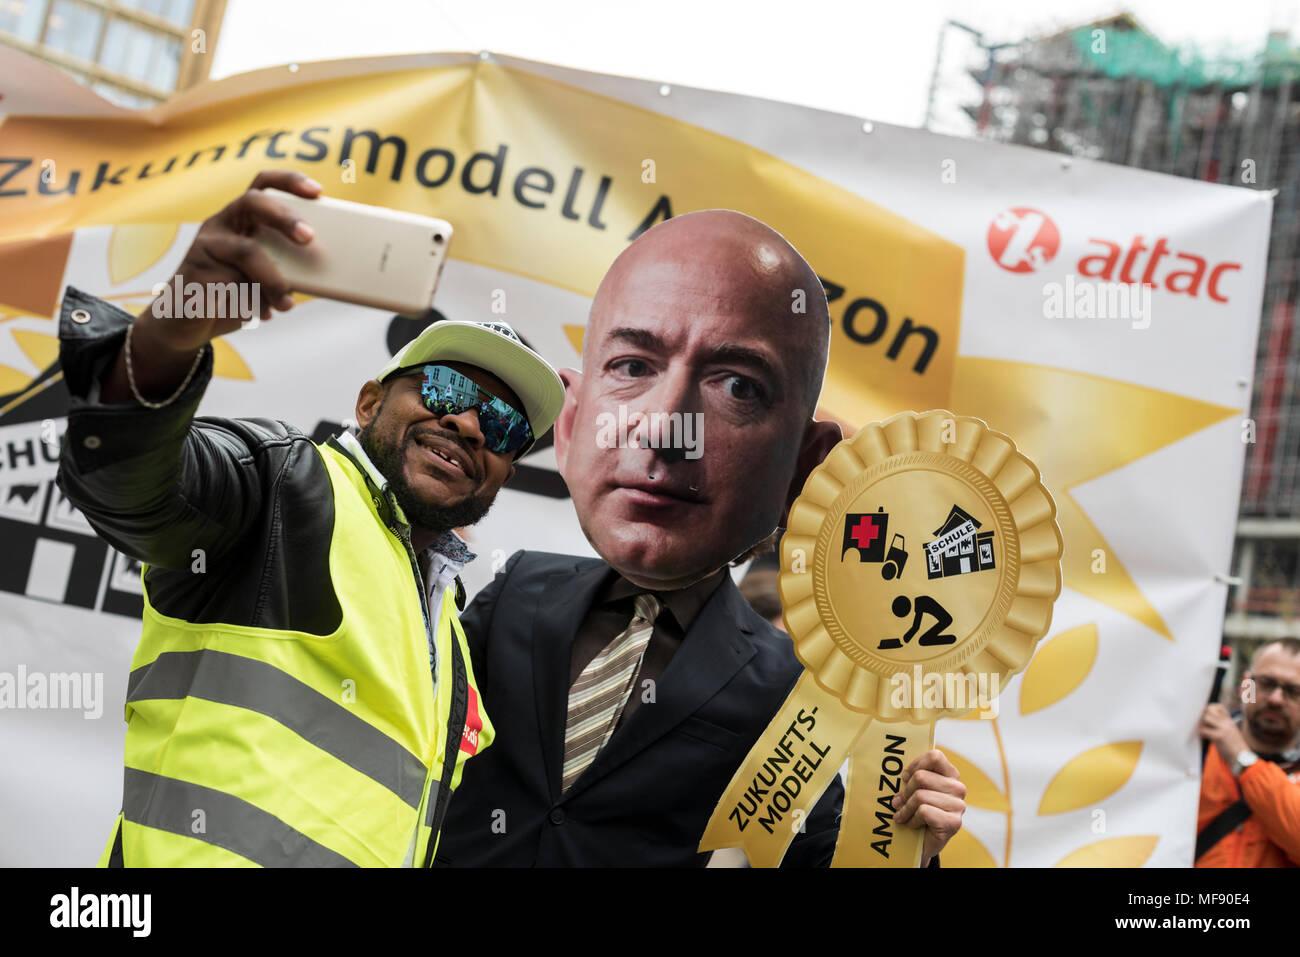 Un Manifestant Fait Une Demonstration Avec Un Selfies Portant Un